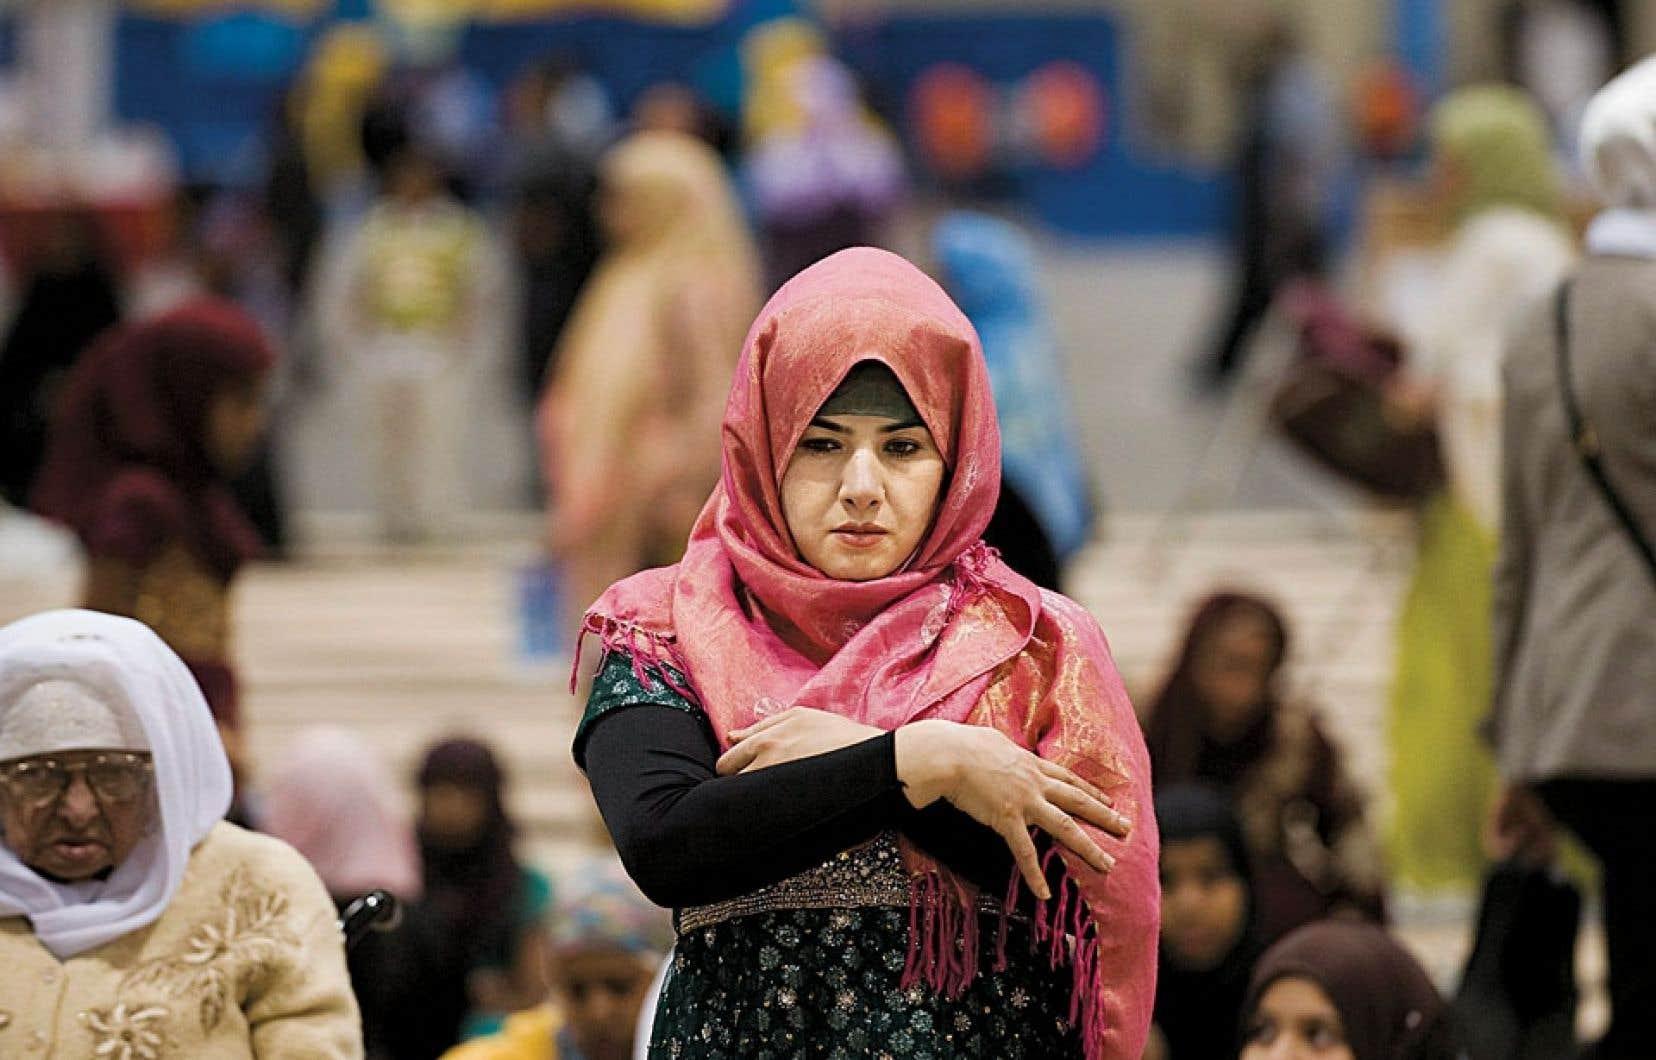 Les dispositions particulières aux services éducatifs prévoient que «le port de signes ou tenues par lesquels les élèves manifestent ostensiblement une appartenance religieuse est interdit».